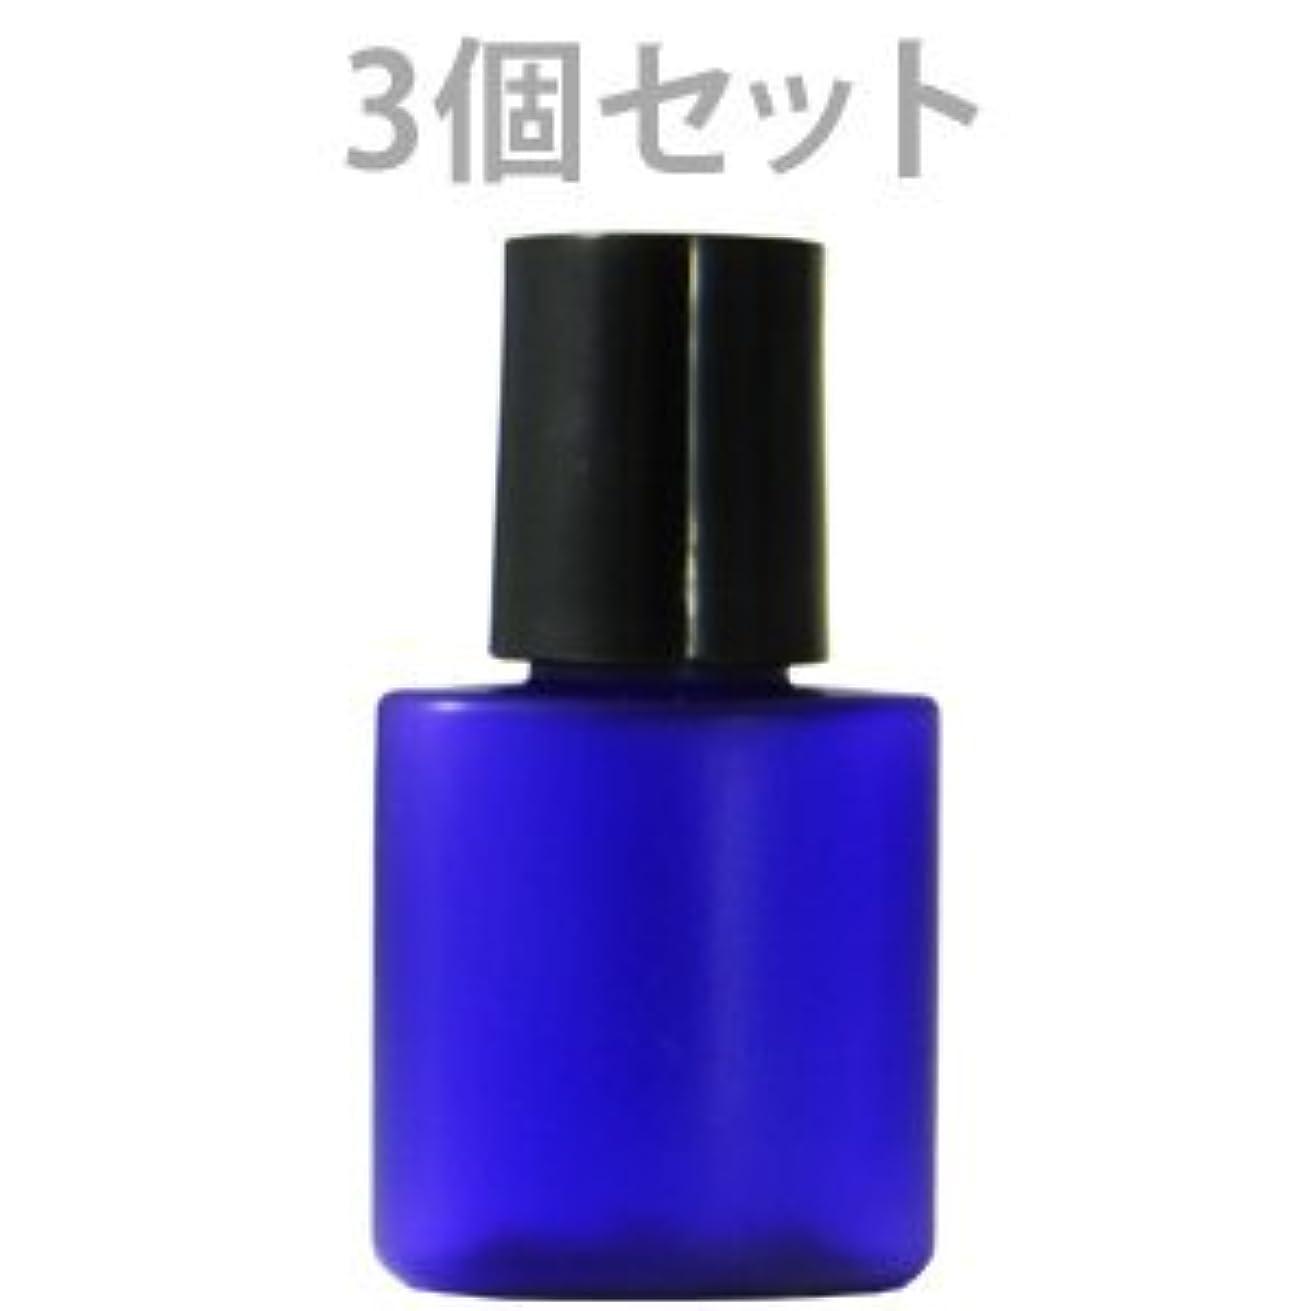 つぼみ真面目な着飾る遮光ミニプラボトル容器 青 10ml 3個セット